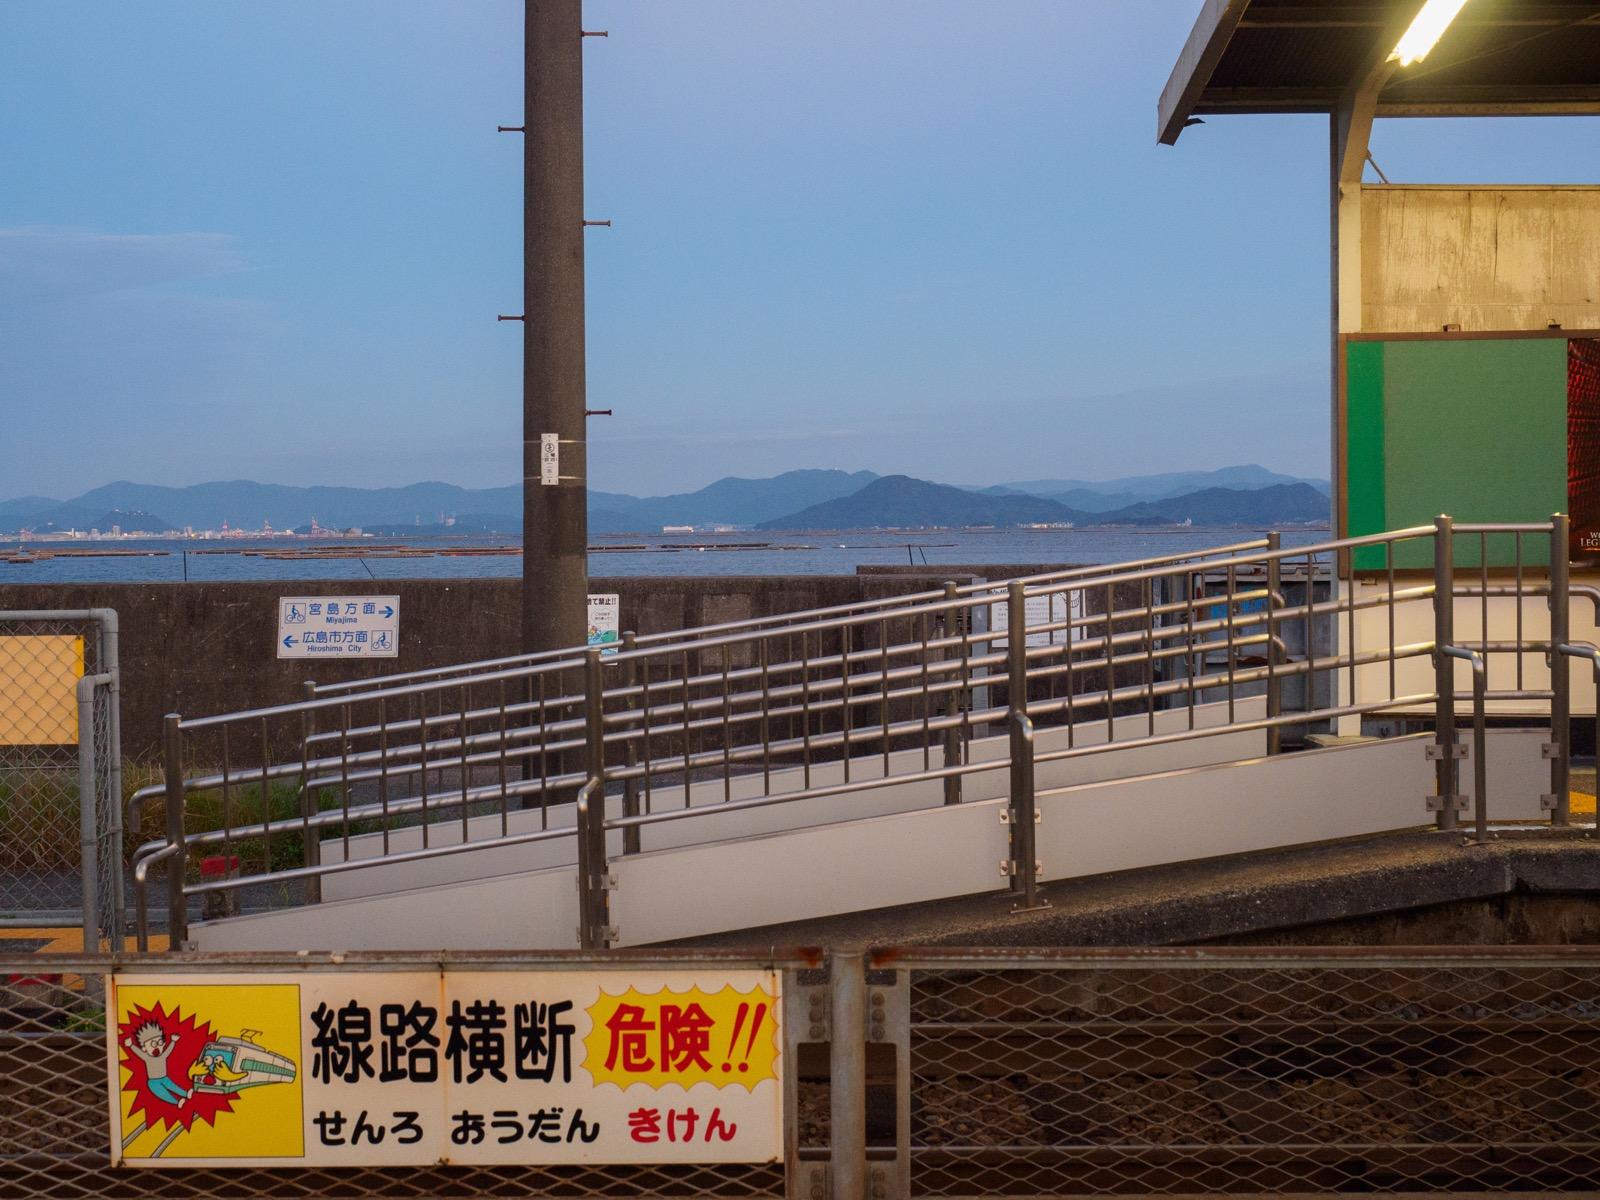 阿品東駅から見る瀬戸内海